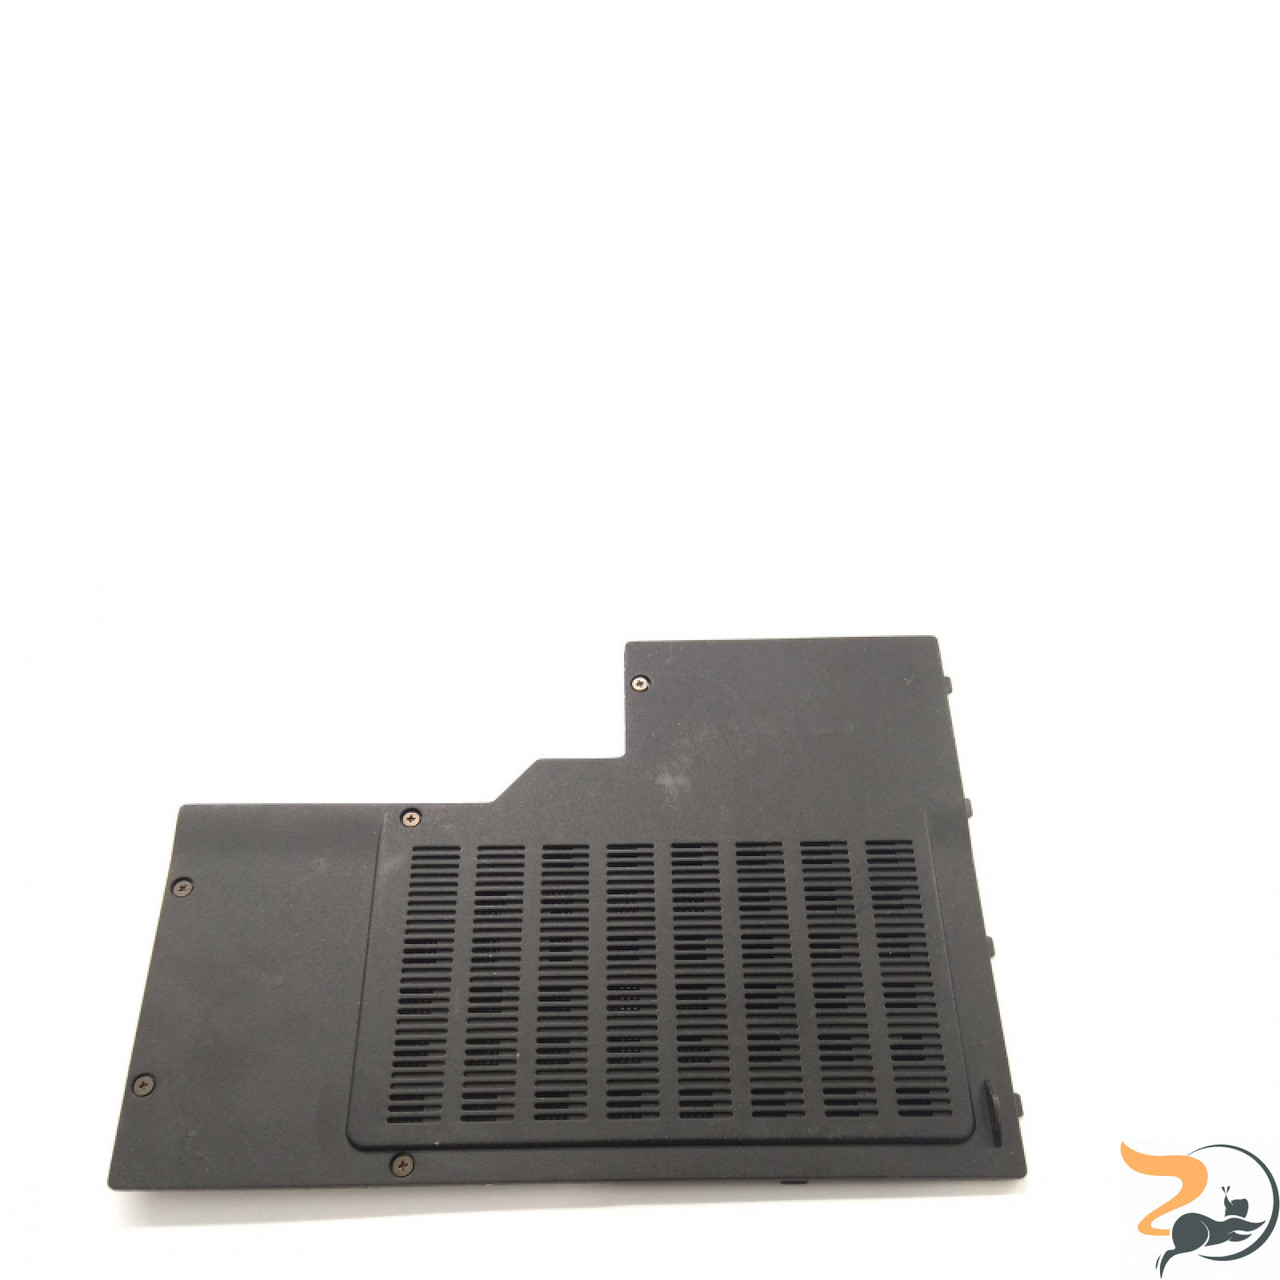 Сервісна кришка для ноутбука Asus N70S, DZC3AZY6RDTN, Б/В. В хорошому стані, без пошкоджень. Є подряпини та потертості.